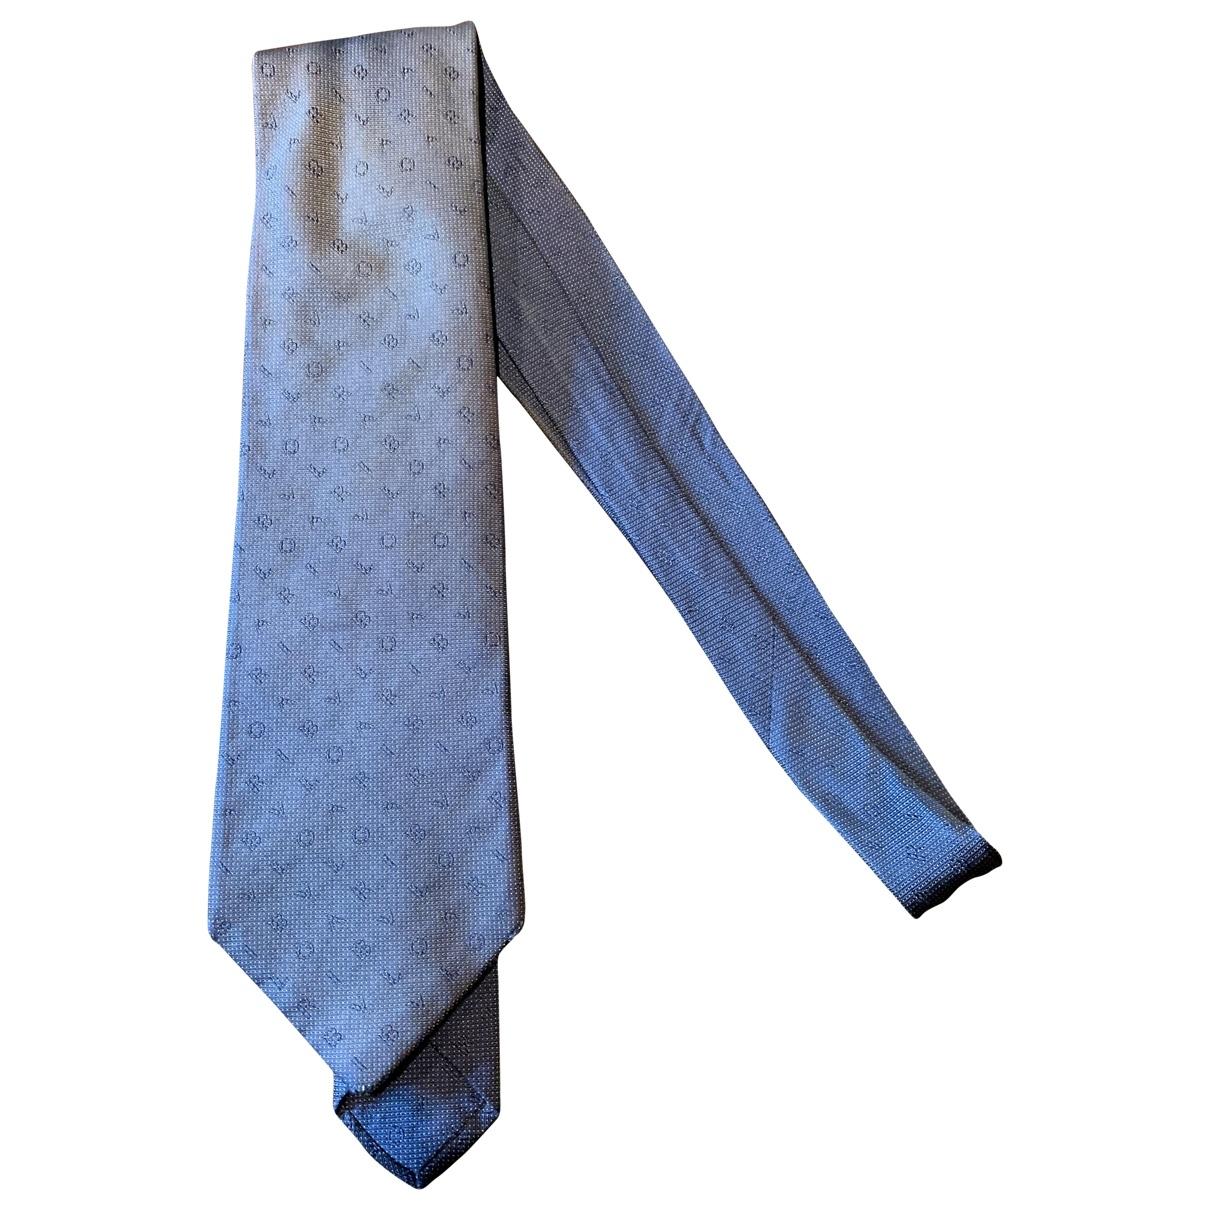 Bvlgari - Cravates   pour homme en soie - bleu